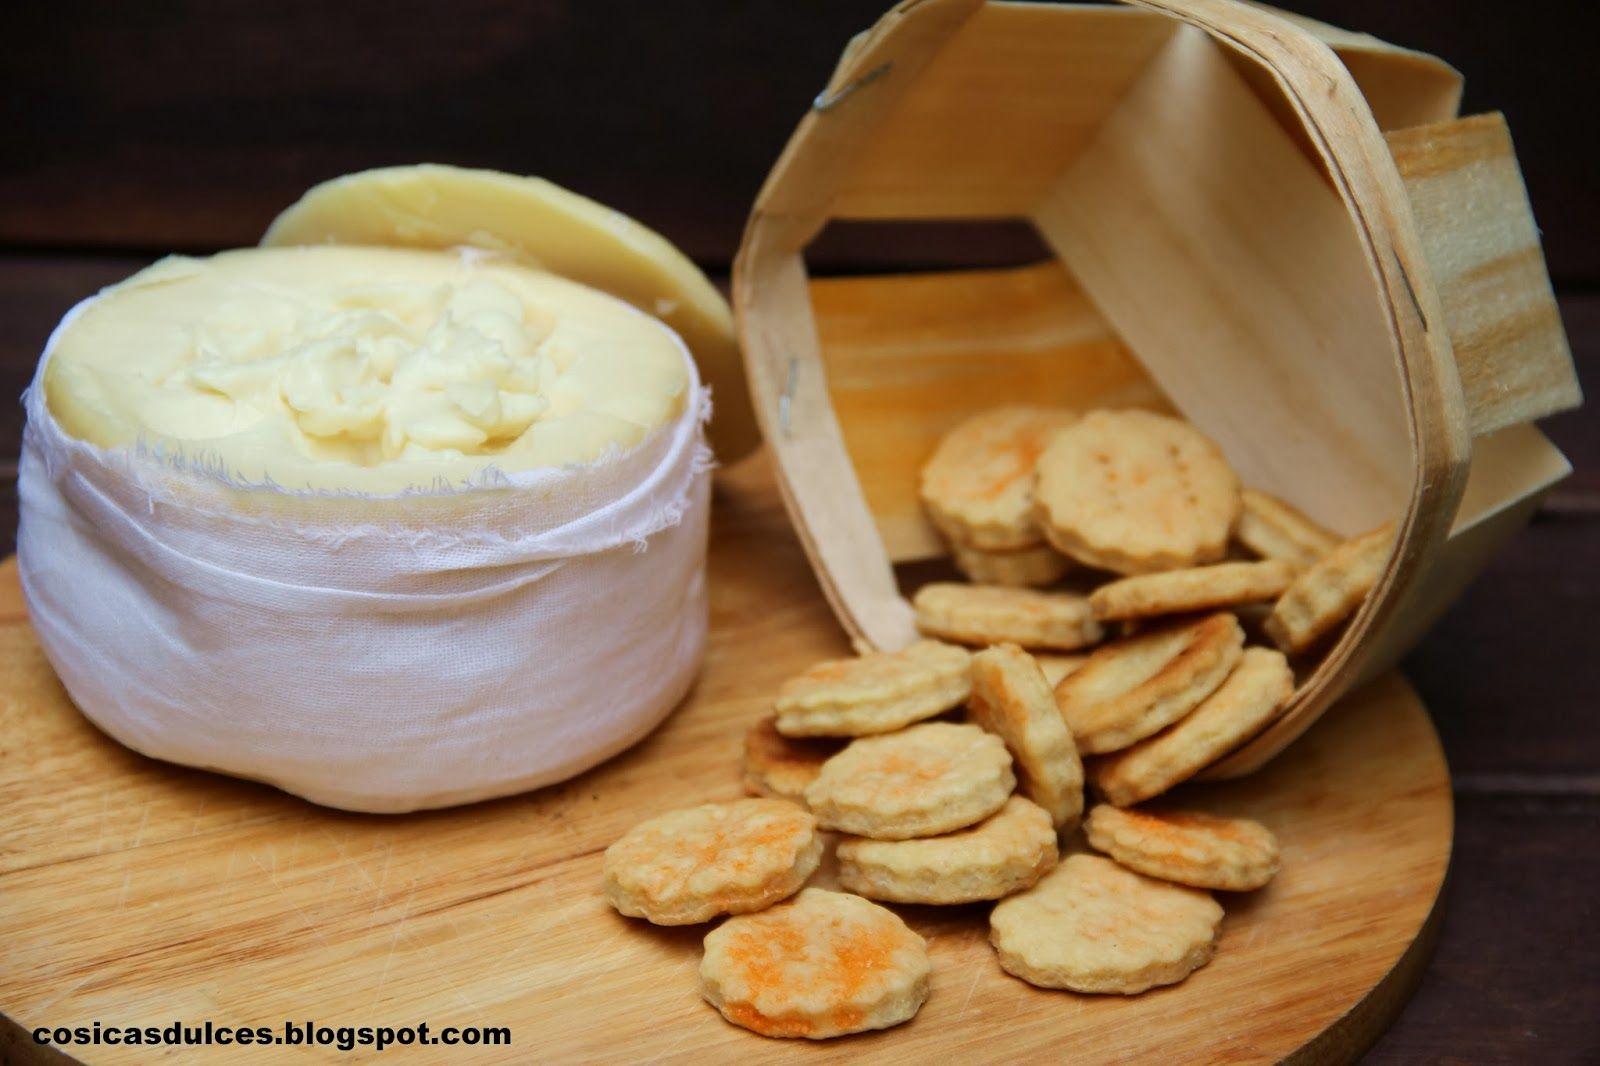 Cosicas dulces...y alguna salada: Galletitas saladas (tipo Ritz crackers)